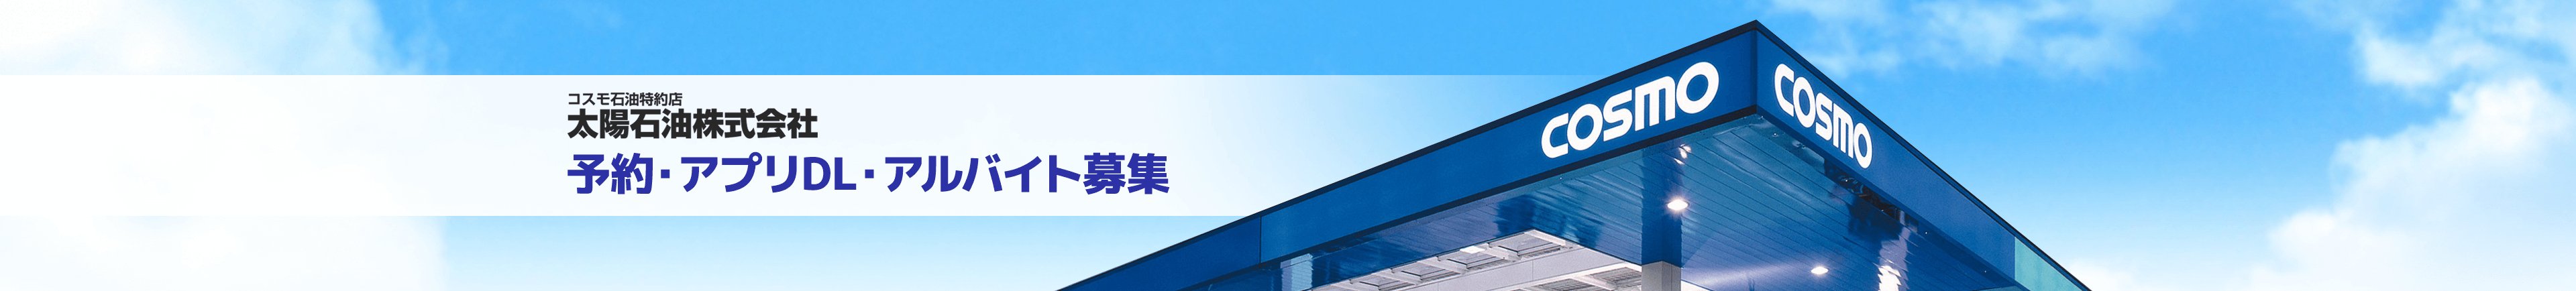 コスモ石油特約店 太陽石油株式会社 予約・アプリDL・アルバイト募集